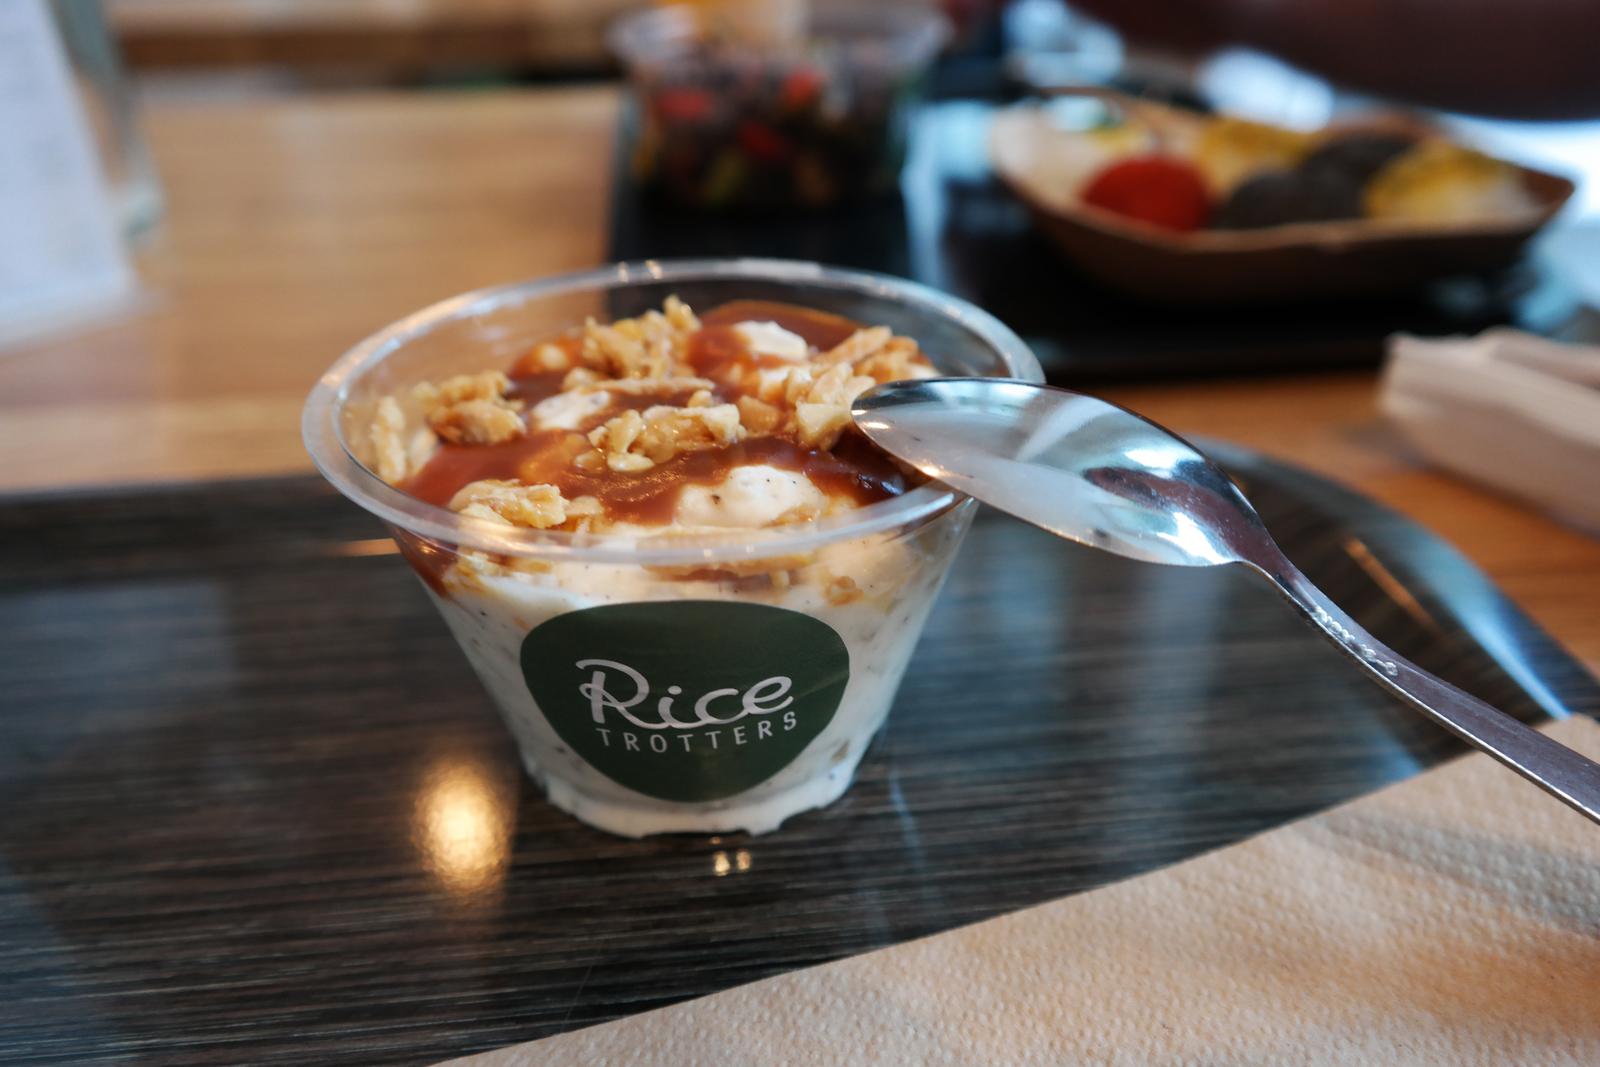 Riz au lait caramel au beurre salé dessert du Rice Trotters resto concept recettes à base de riz photo by united states of paris blog